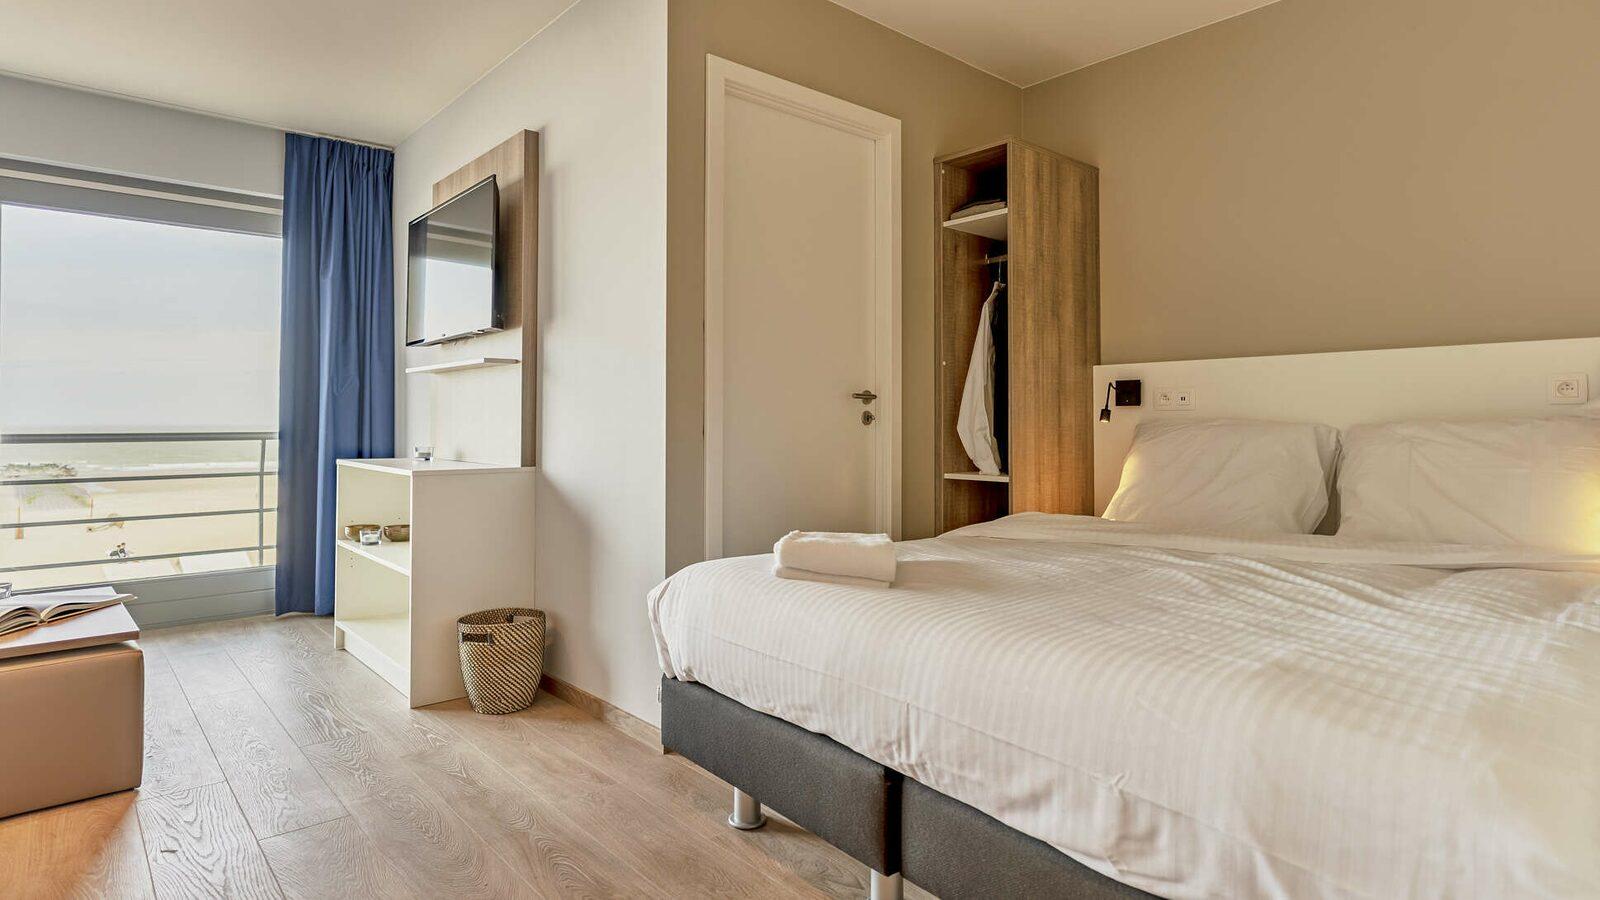 Comfort Suite - 4p | Chambre à coucher - Coin couchage | Balcon - Vue sur mer